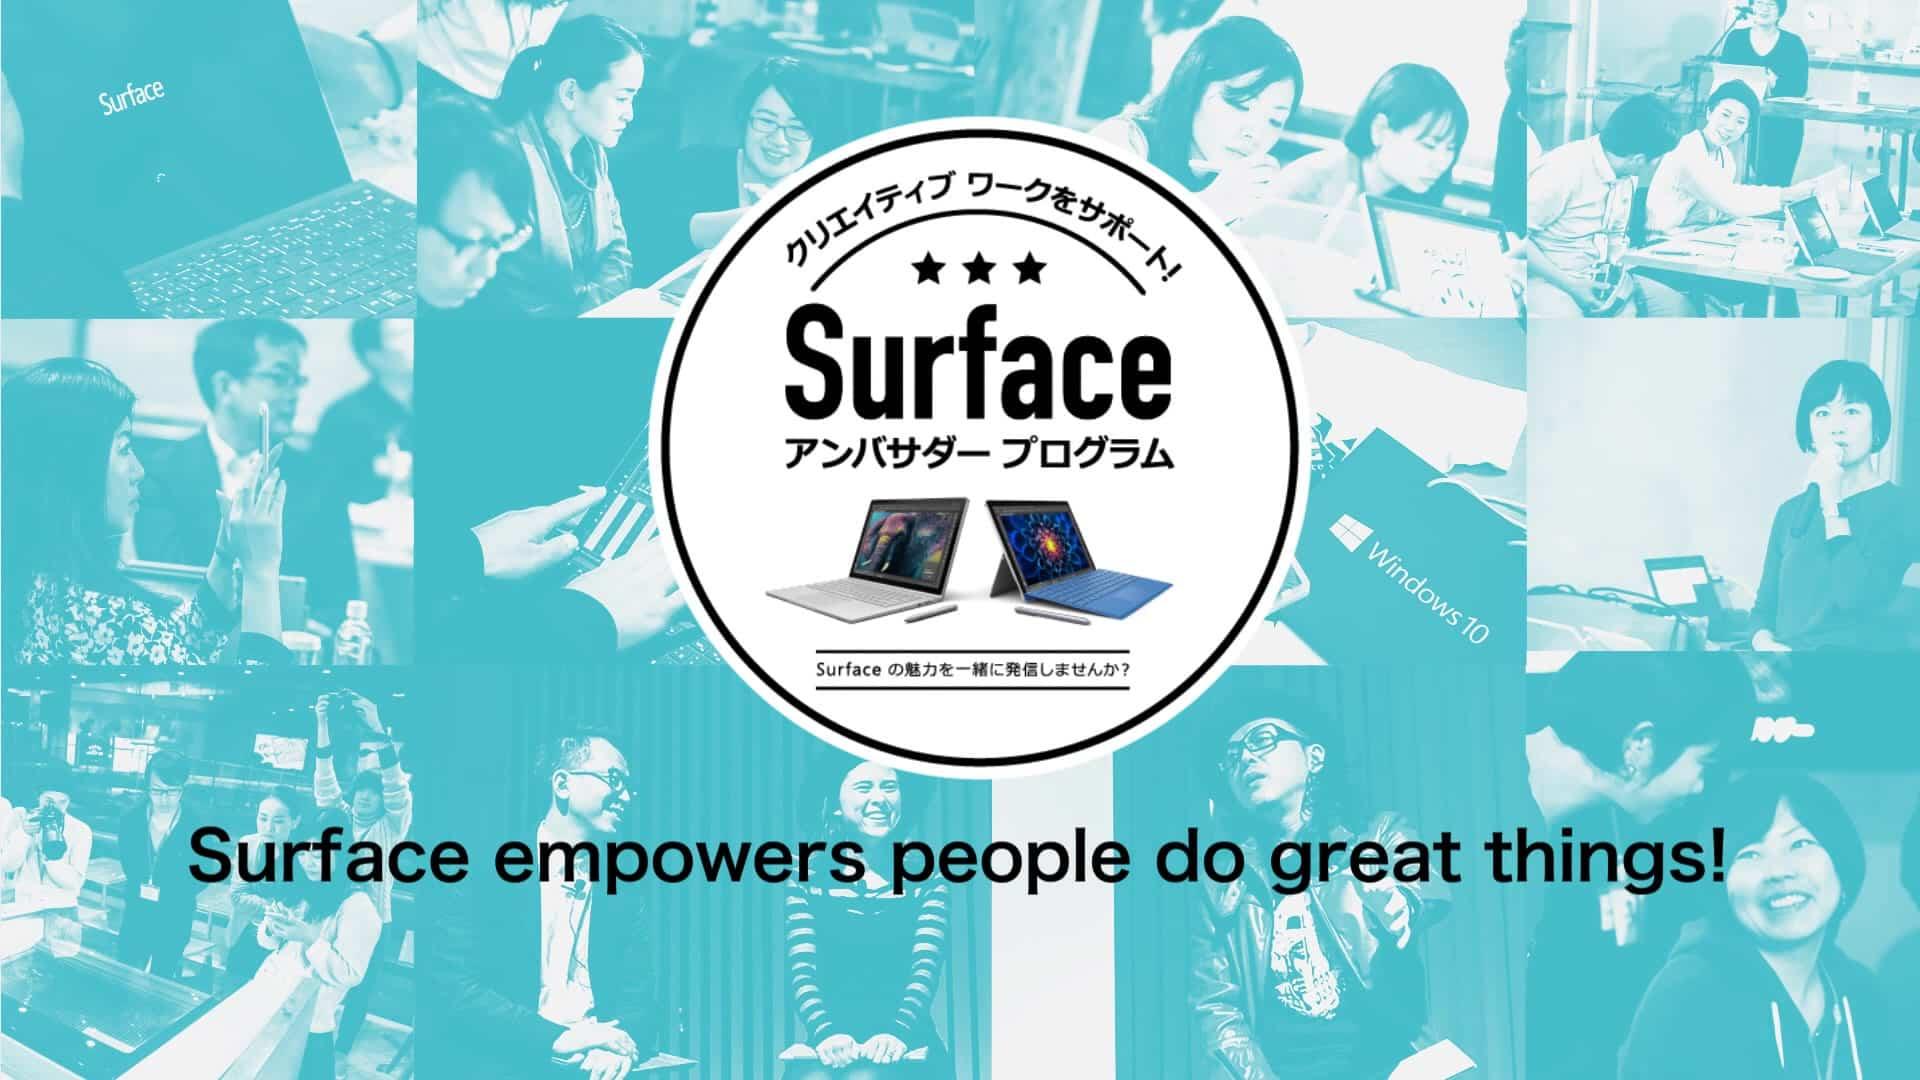 日本マイクロソフト様|Surfaceアンバサダープログラム